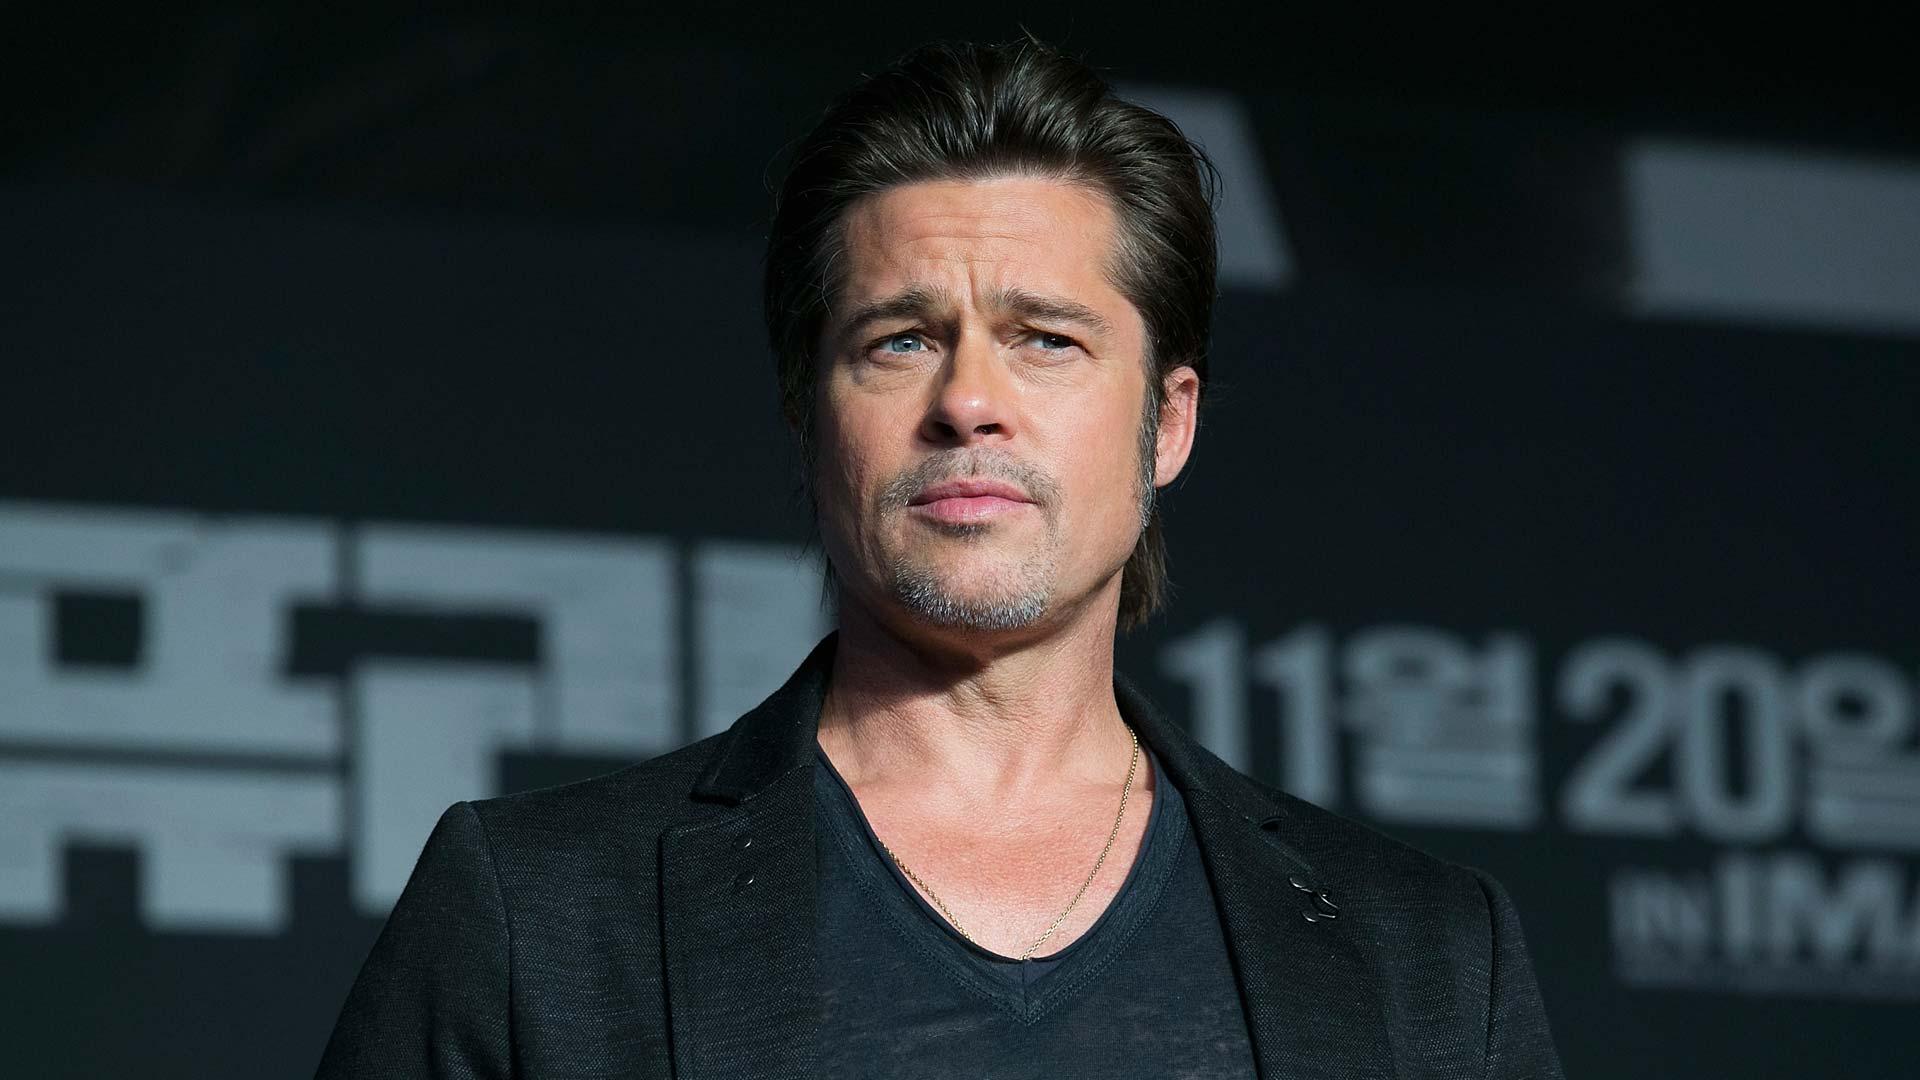 """Erfreut sich bester Gesundheit: Brad Pitt (hier 2014 bei der Pressekonferenz seines Films """"Fury"""" in Seoul)"""